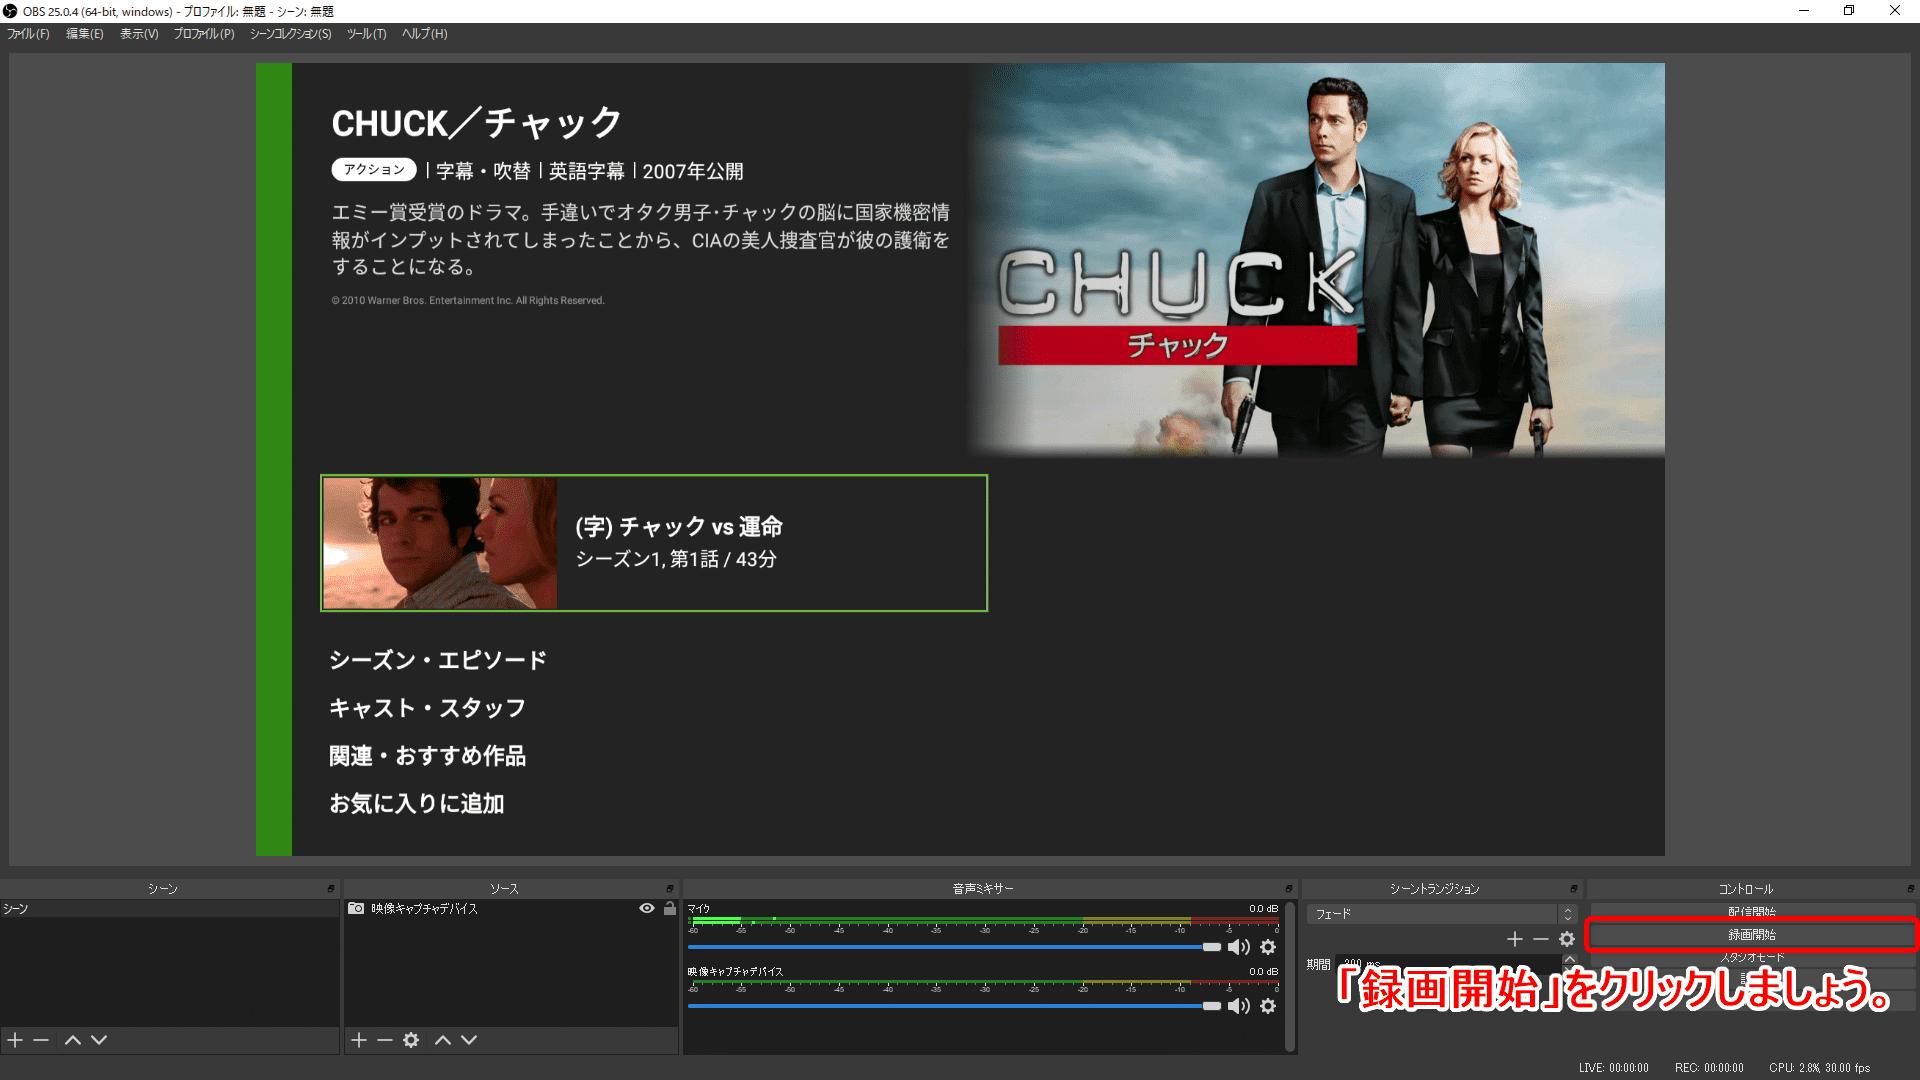 【海外ドラマ「チャック」Hulu録画】動画配信サービスでチャック・シーズン1~シーズン5最終話まで無料録画する方法|Huluなら全エピソード見放題!|録画方法:OBS Studioで動画を録画する:動画コンテンツの再生に合わせて、OBS Studio操作画面の右側にある「録画開始」ボタンを1回クリックして動画の録画を開始させればOK。